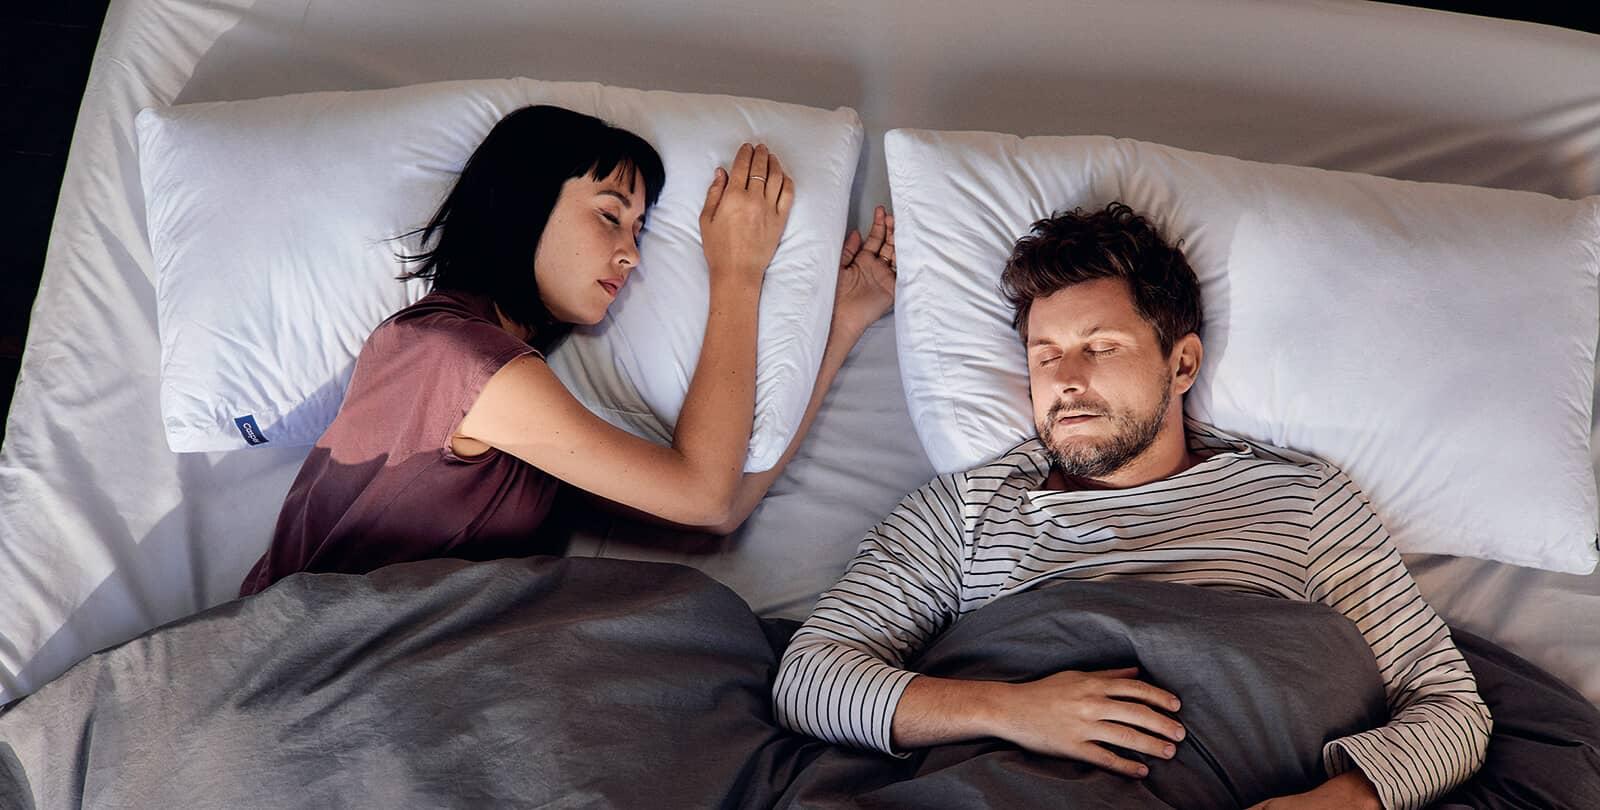 avis oreiller coeur du sommeil Oreiller Coeur De Sommeil Avis. Doreiller Format Standard X Cm  avis oreiller coeur du sommeil